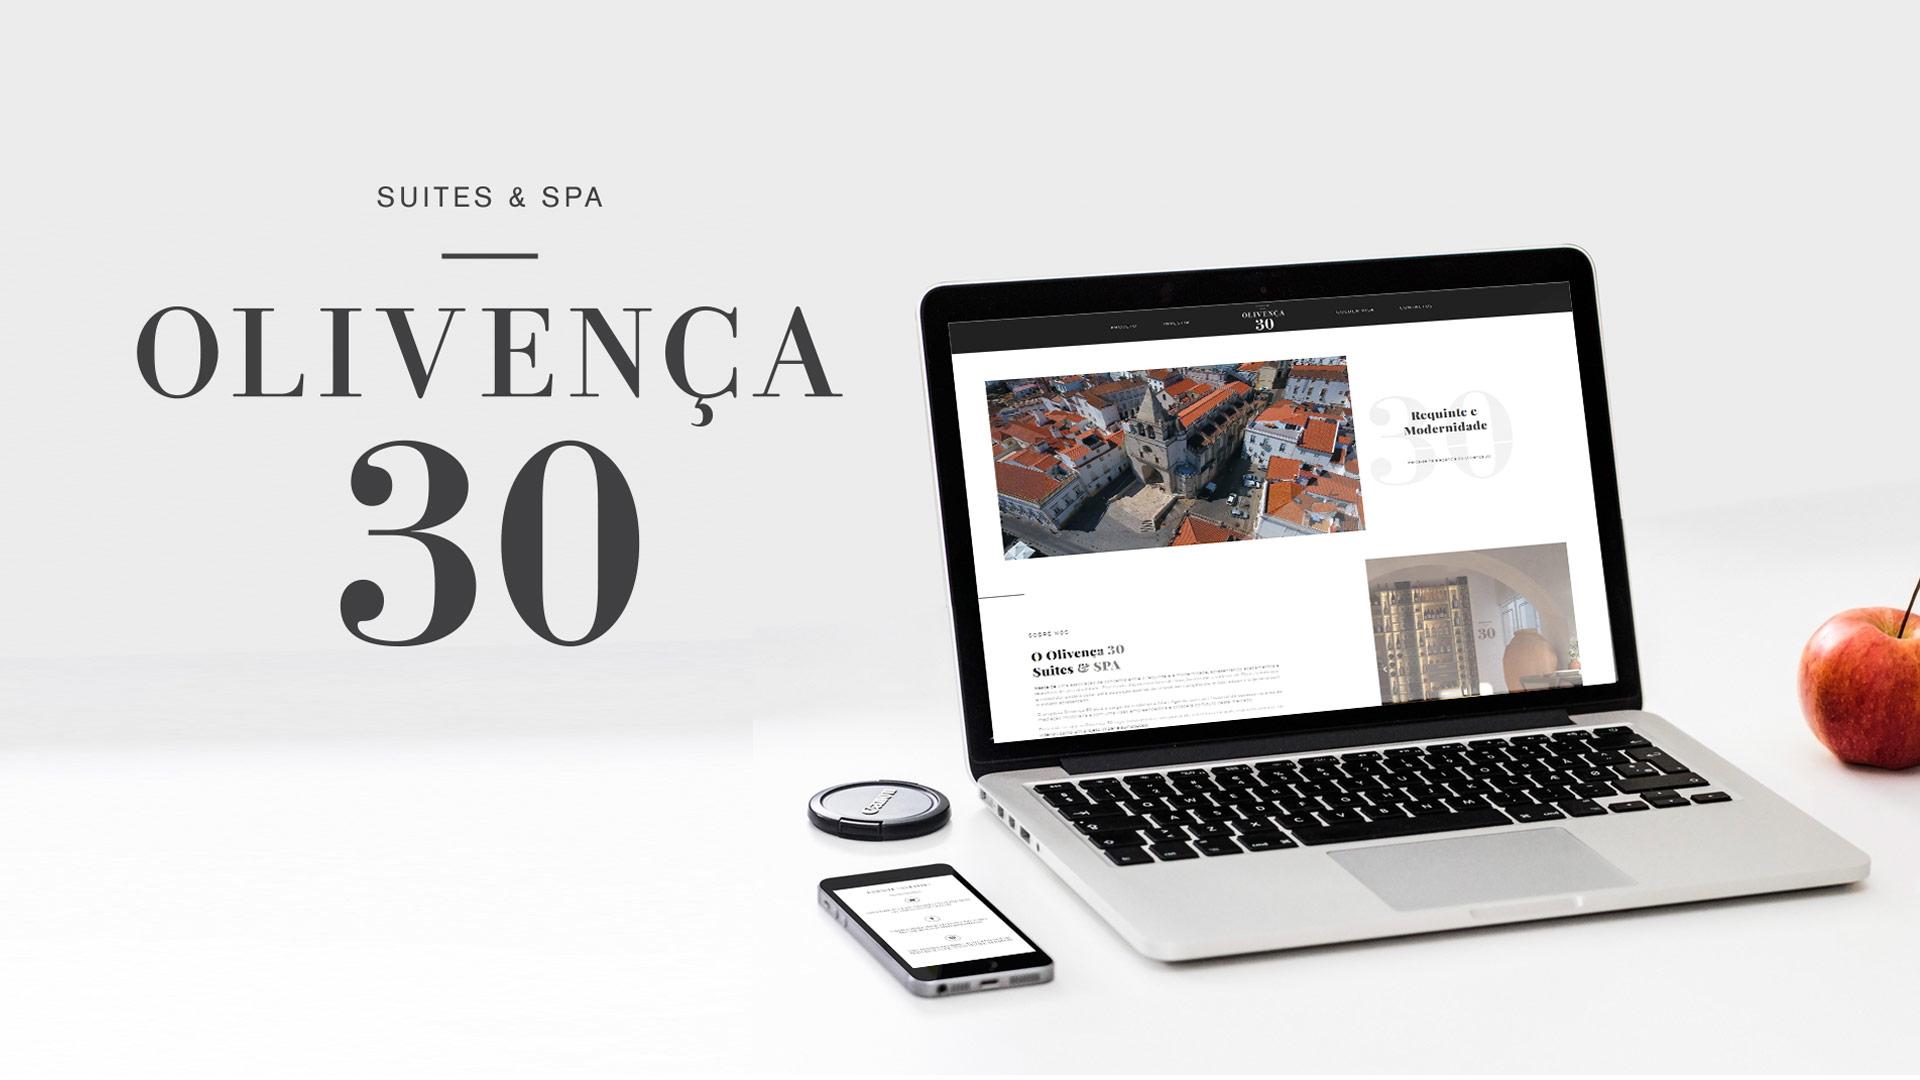 Capa Portfólio Olivença 30